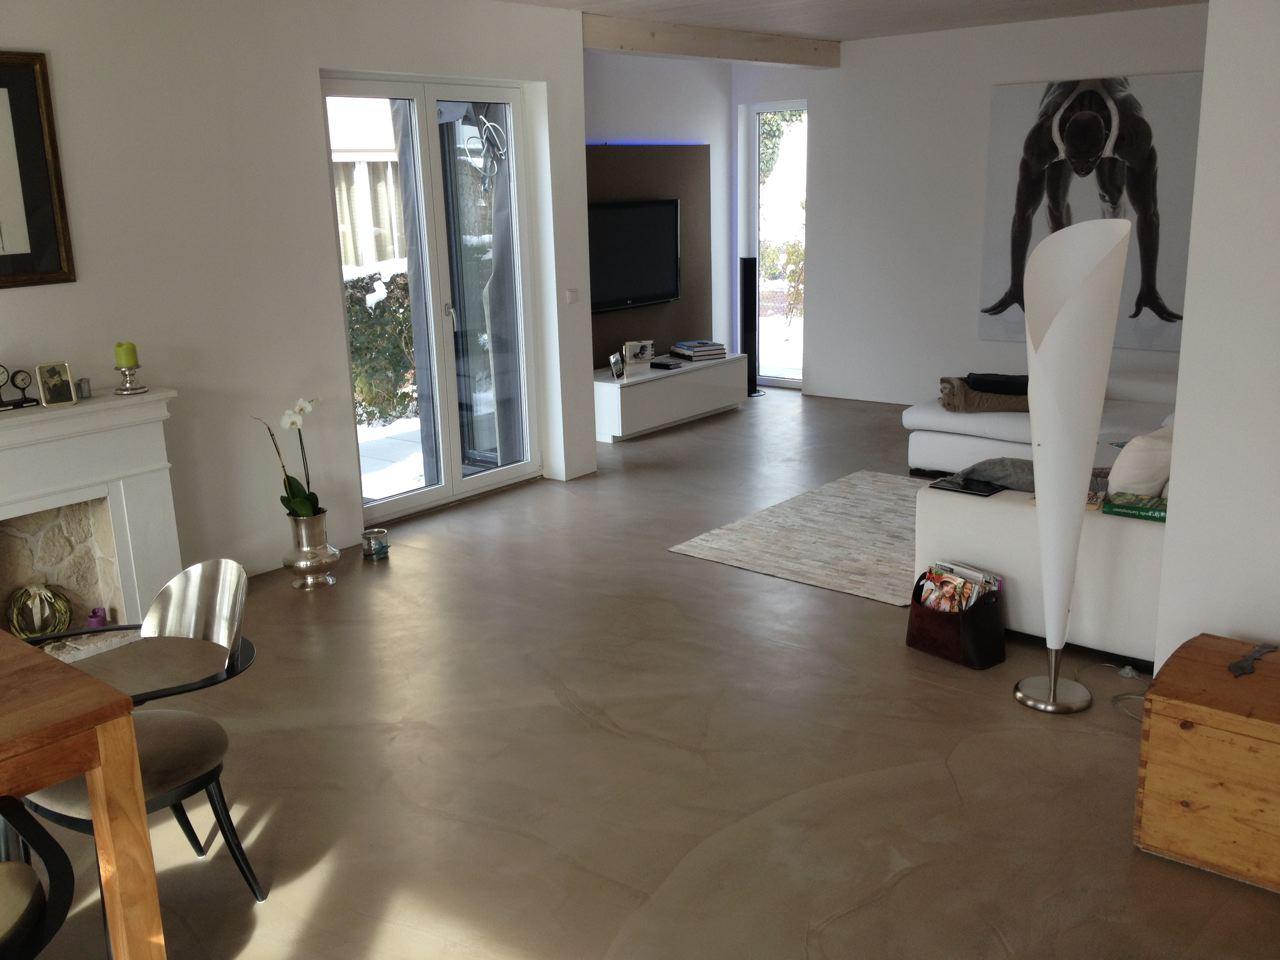 Privatwohnung München: Pandomoarbeiten 2012